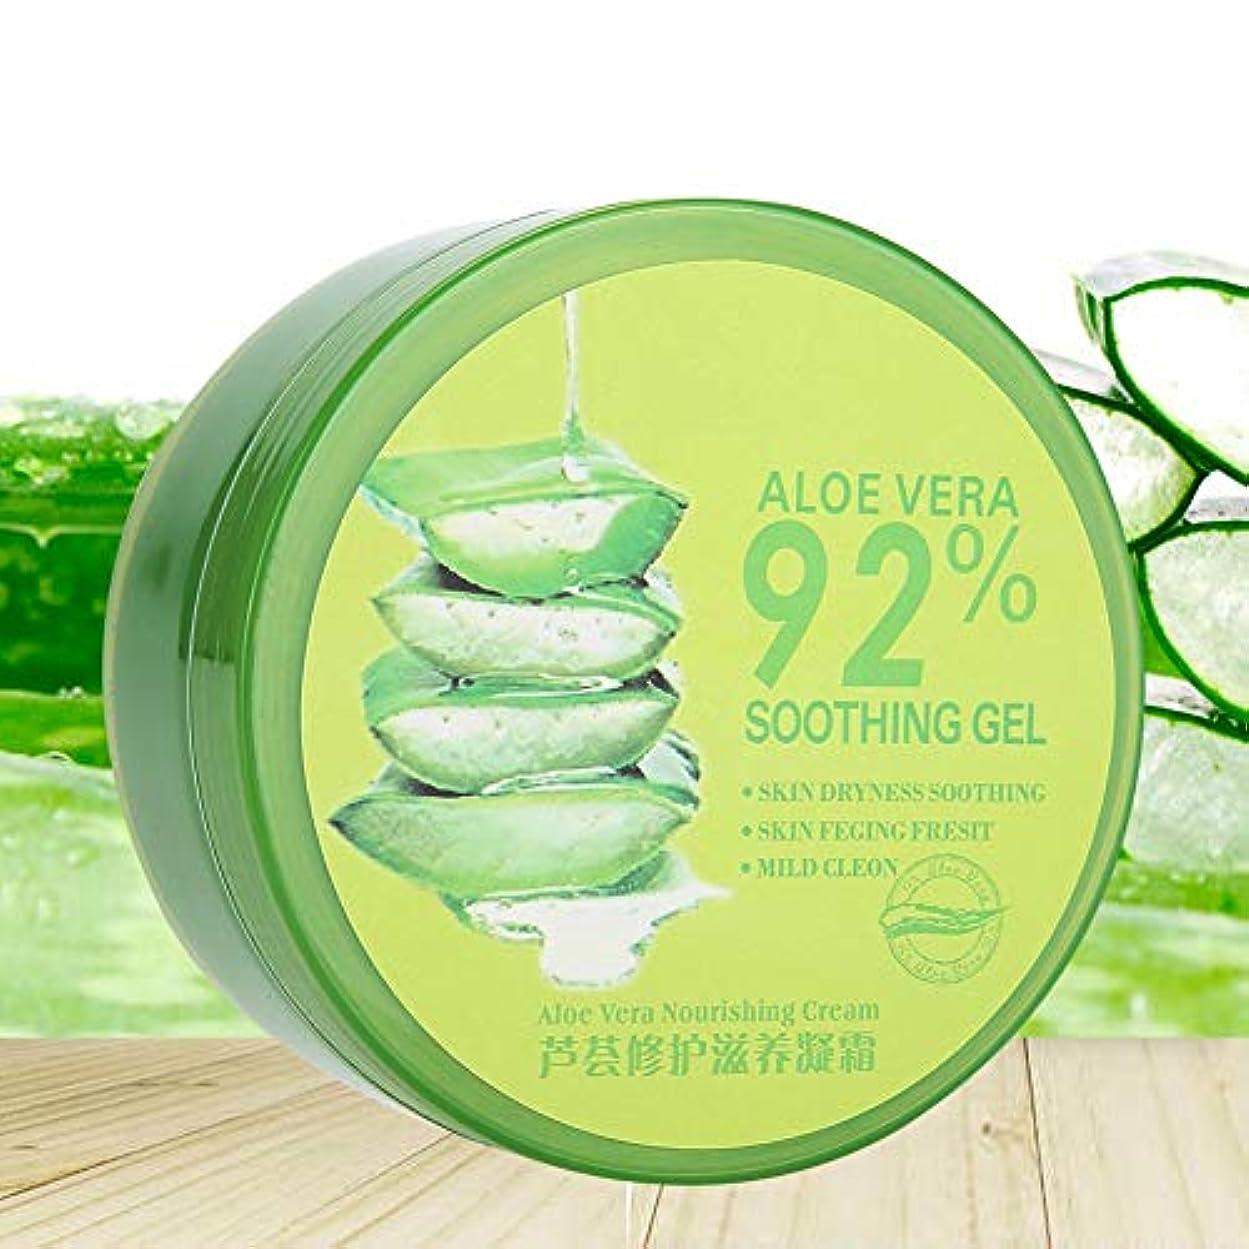 表面契約リズミカルな保湿アロエベラジェル、ナチュラルハイドレイティング保湿栄養アロエベラジェルにきび治療美容スキンケアクリームスリーピングクリーム